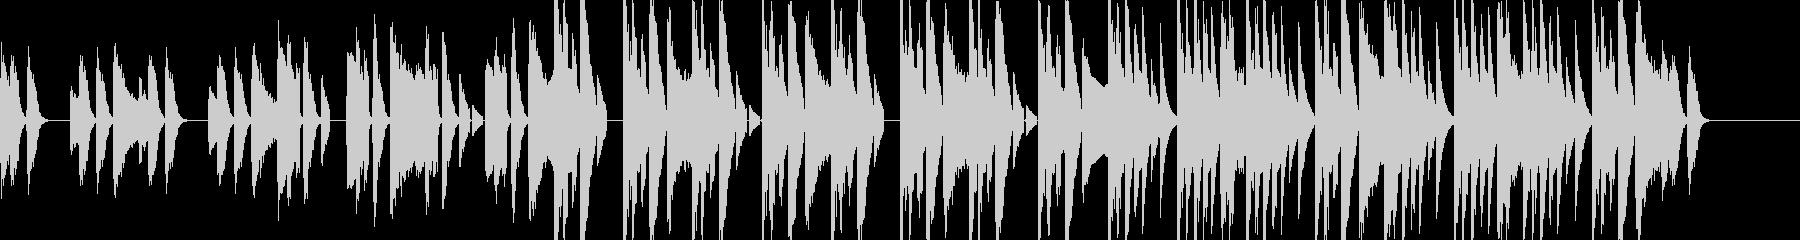 ピアノのリズムが特徴的なポップスグルーヴの未再生の波形